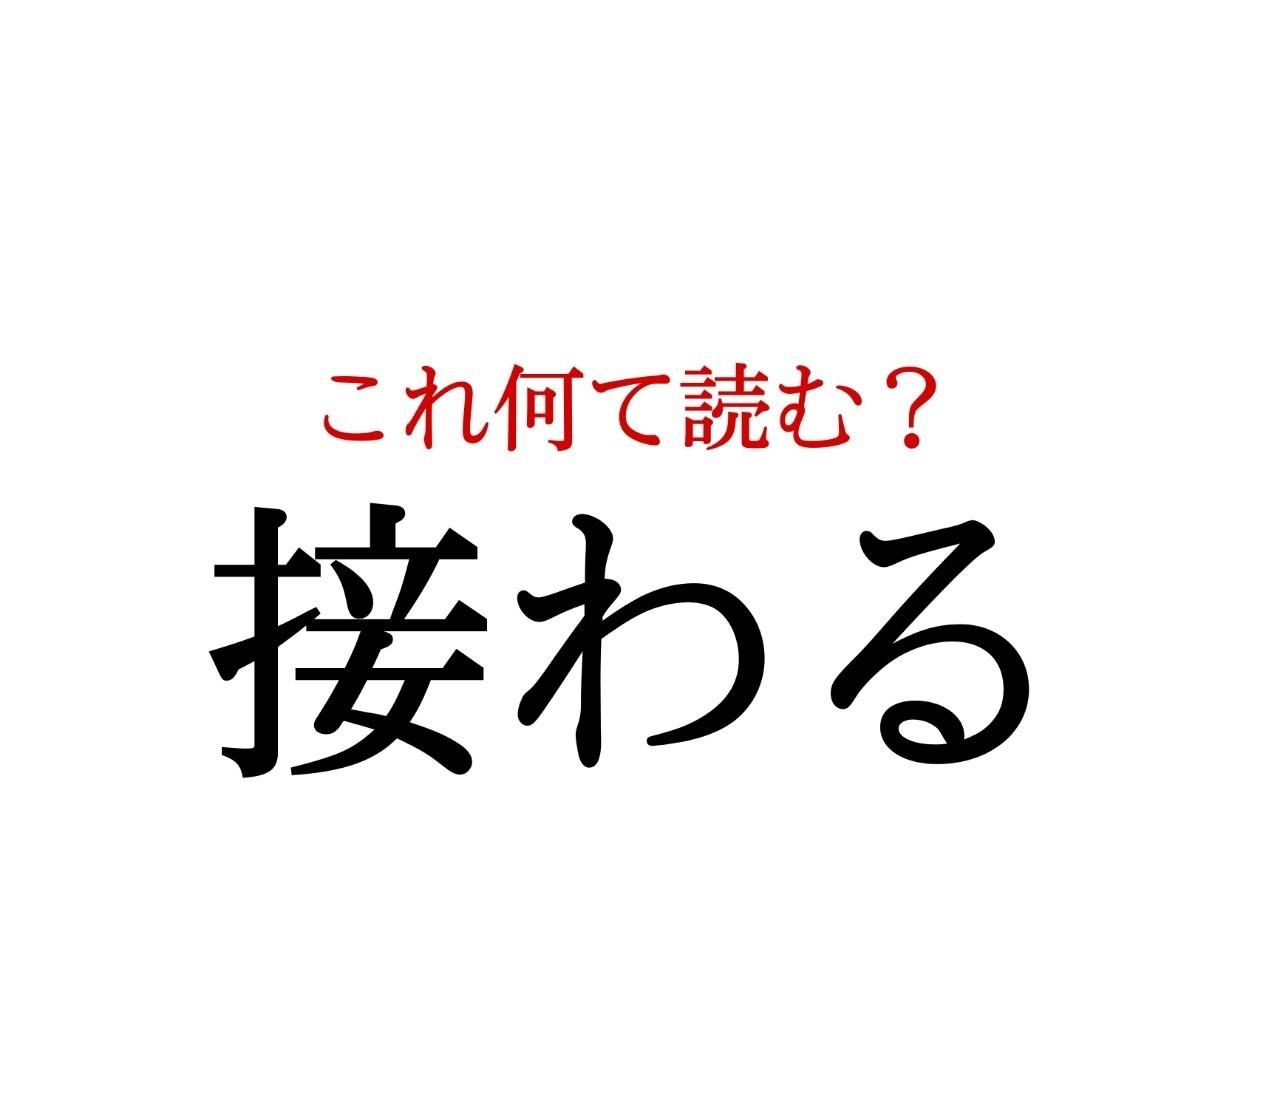 「接わる」:この漢字、自信を持って読めますか?【働く大人の漢字クイズvol.272】